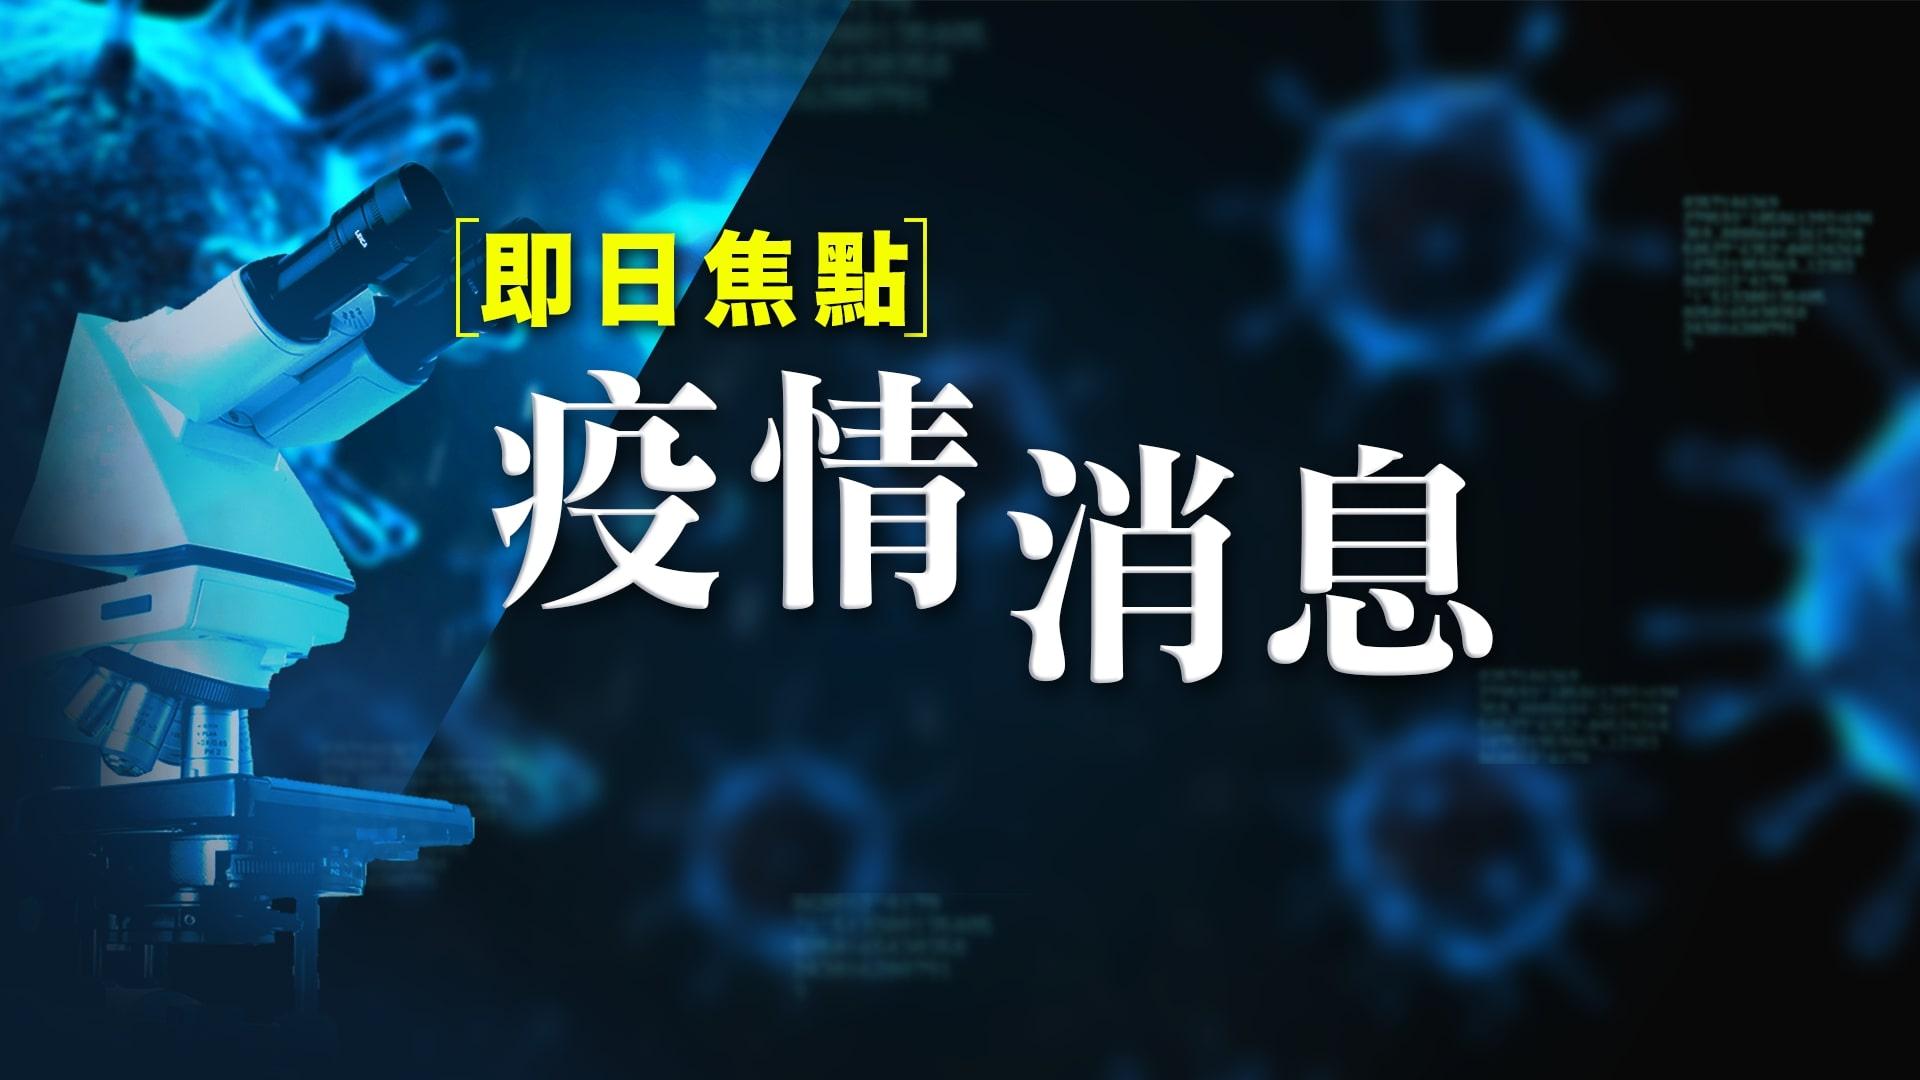 【即日焦點·疫情消息】首宗湖北包機返港人士確診 衞生防護中心:意料之內;內地推「健康碼」監測疫情存監控隱憂